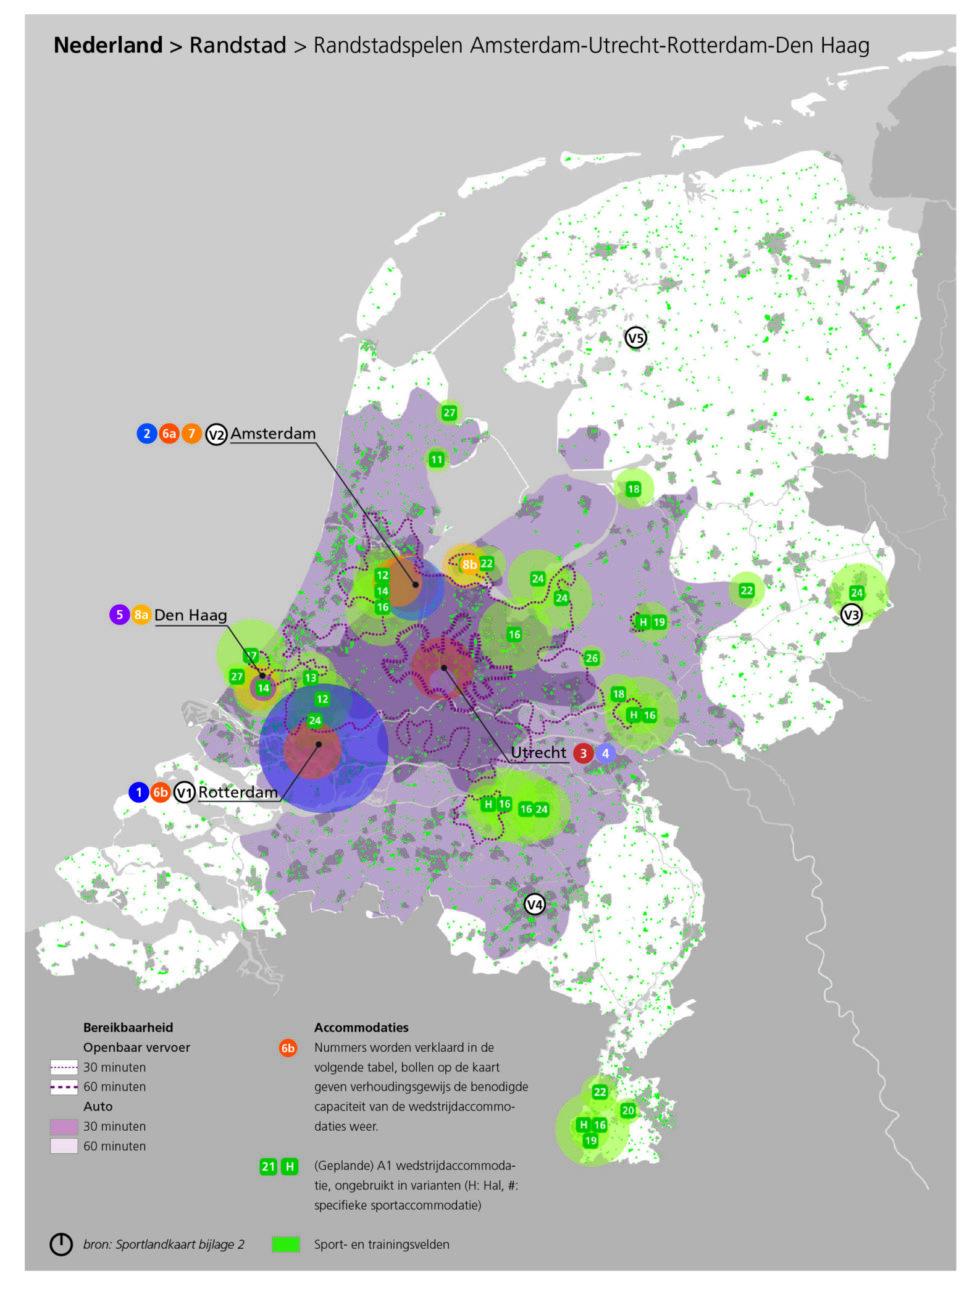 Kaart van de Randstadspelen, de vijfde variant voor de Olympische Spelen in Nederland